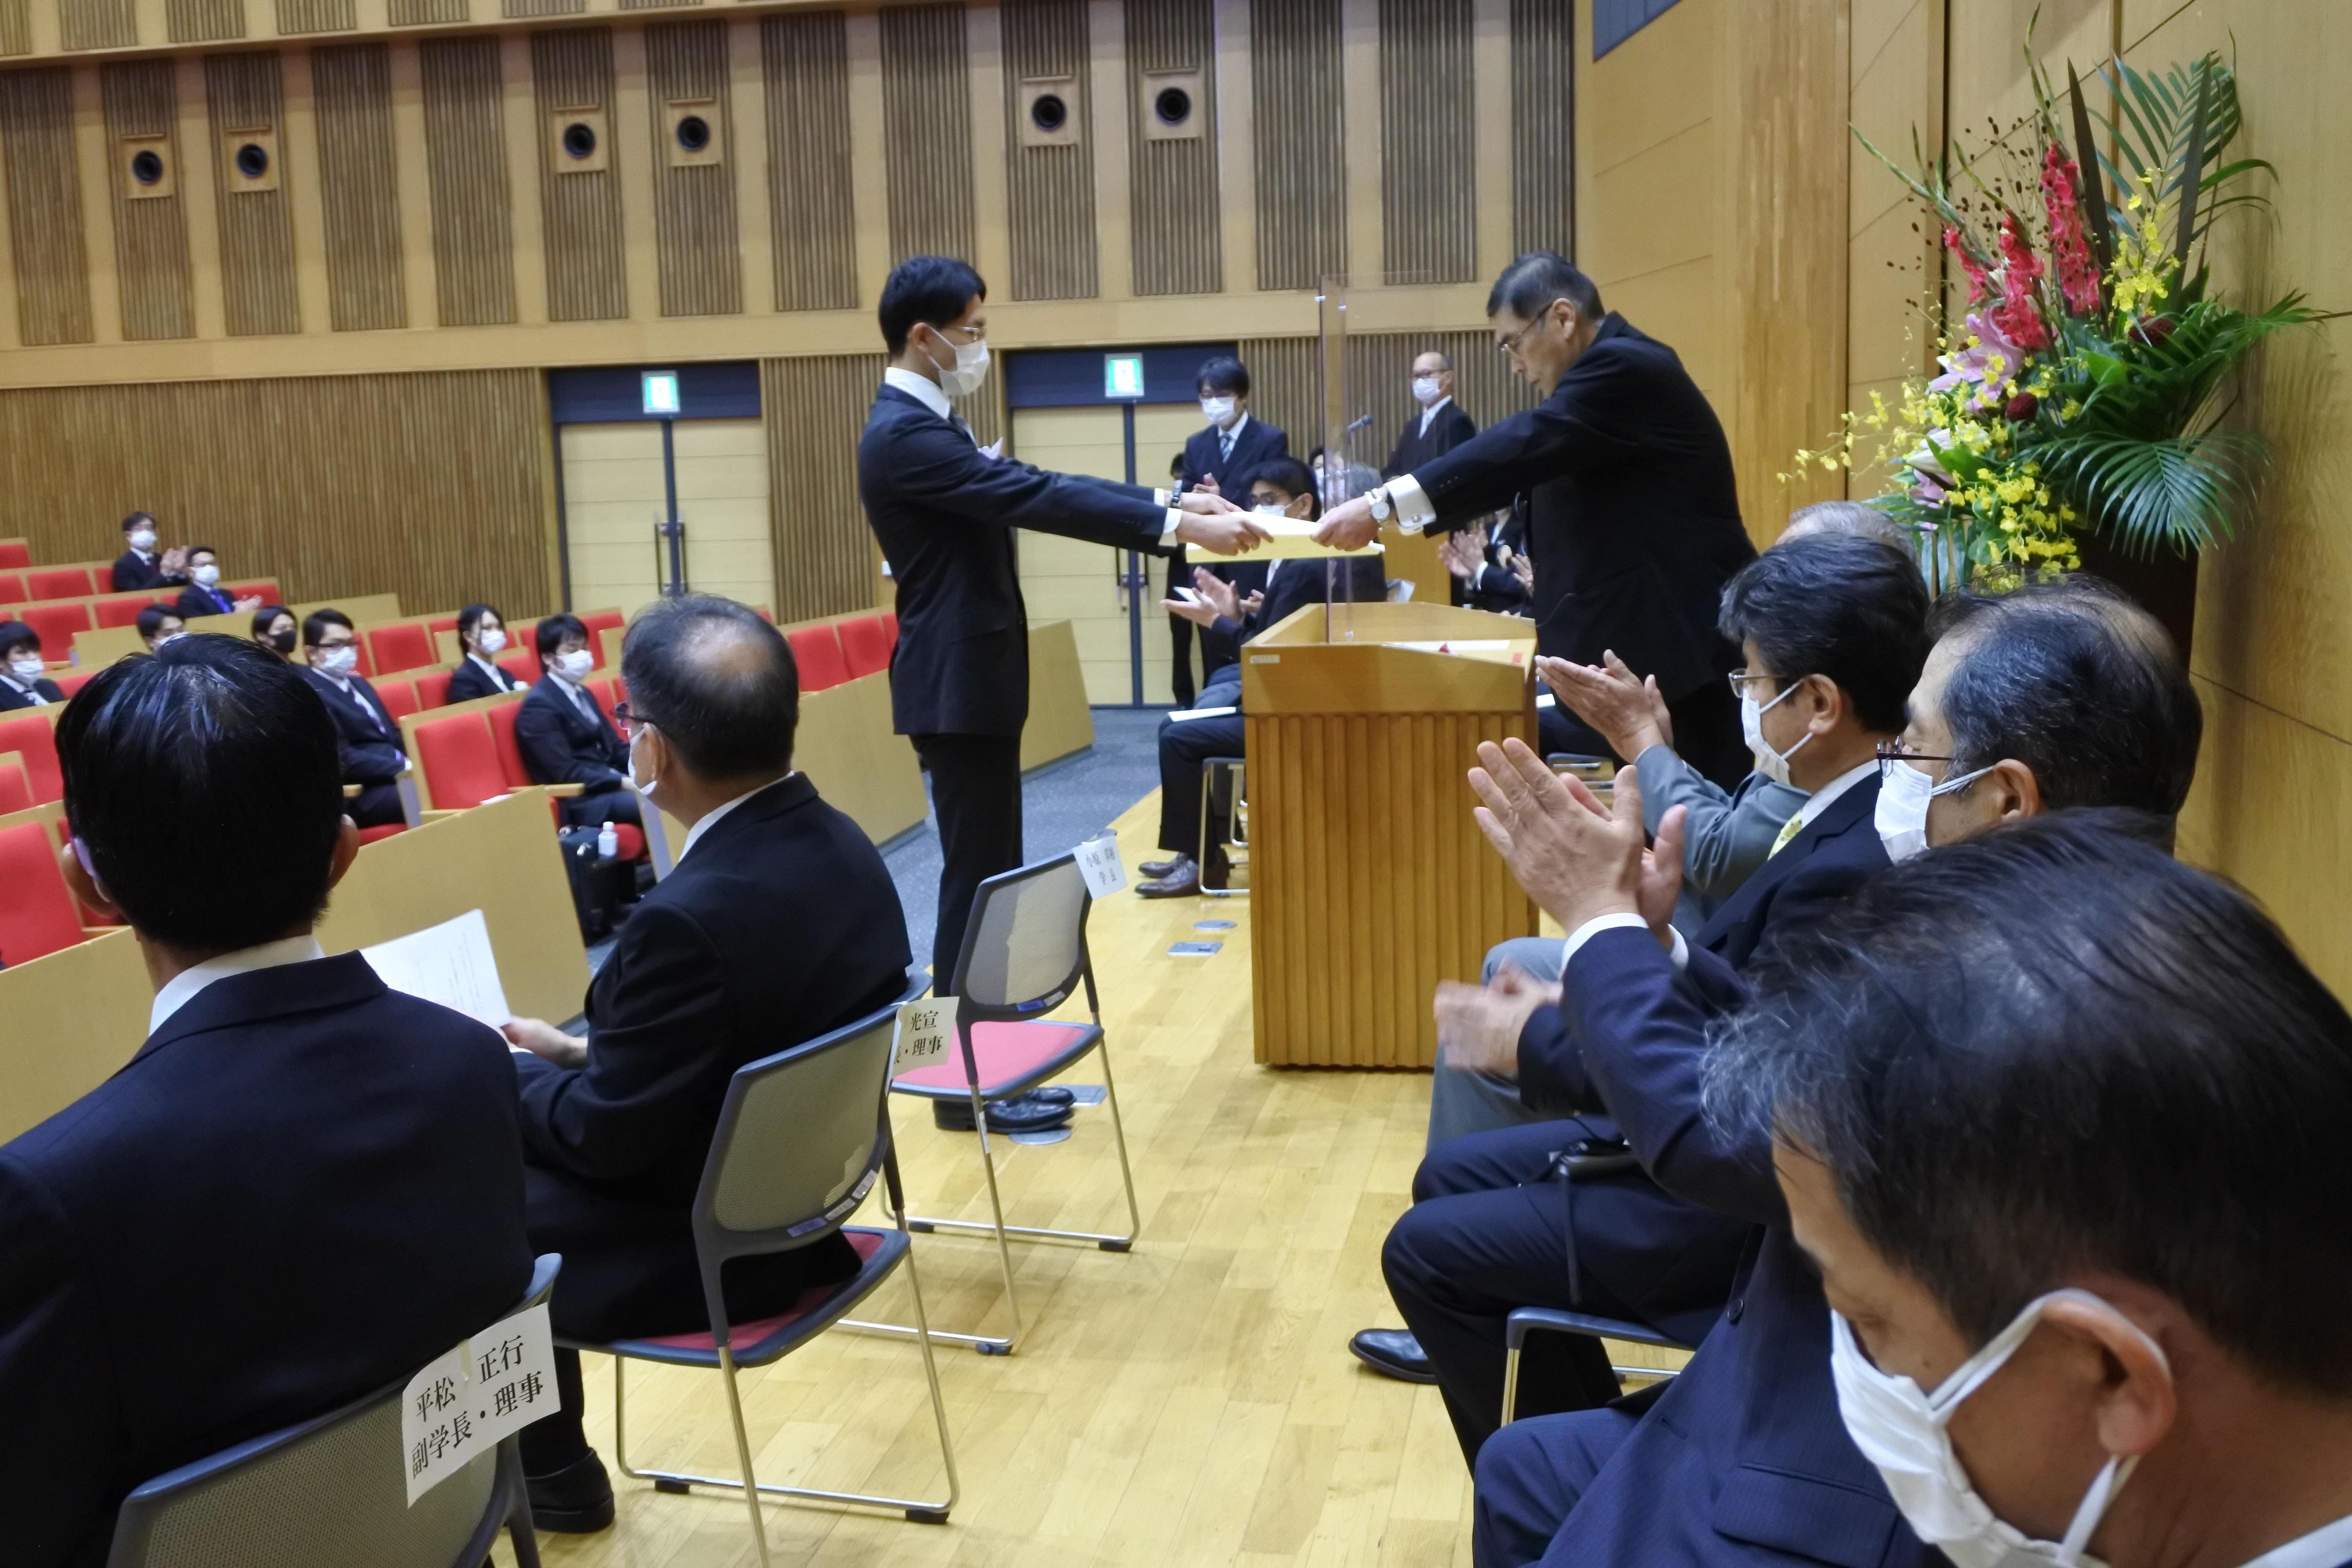 小原章裕学長から学位記を受け取る北山隼平さん